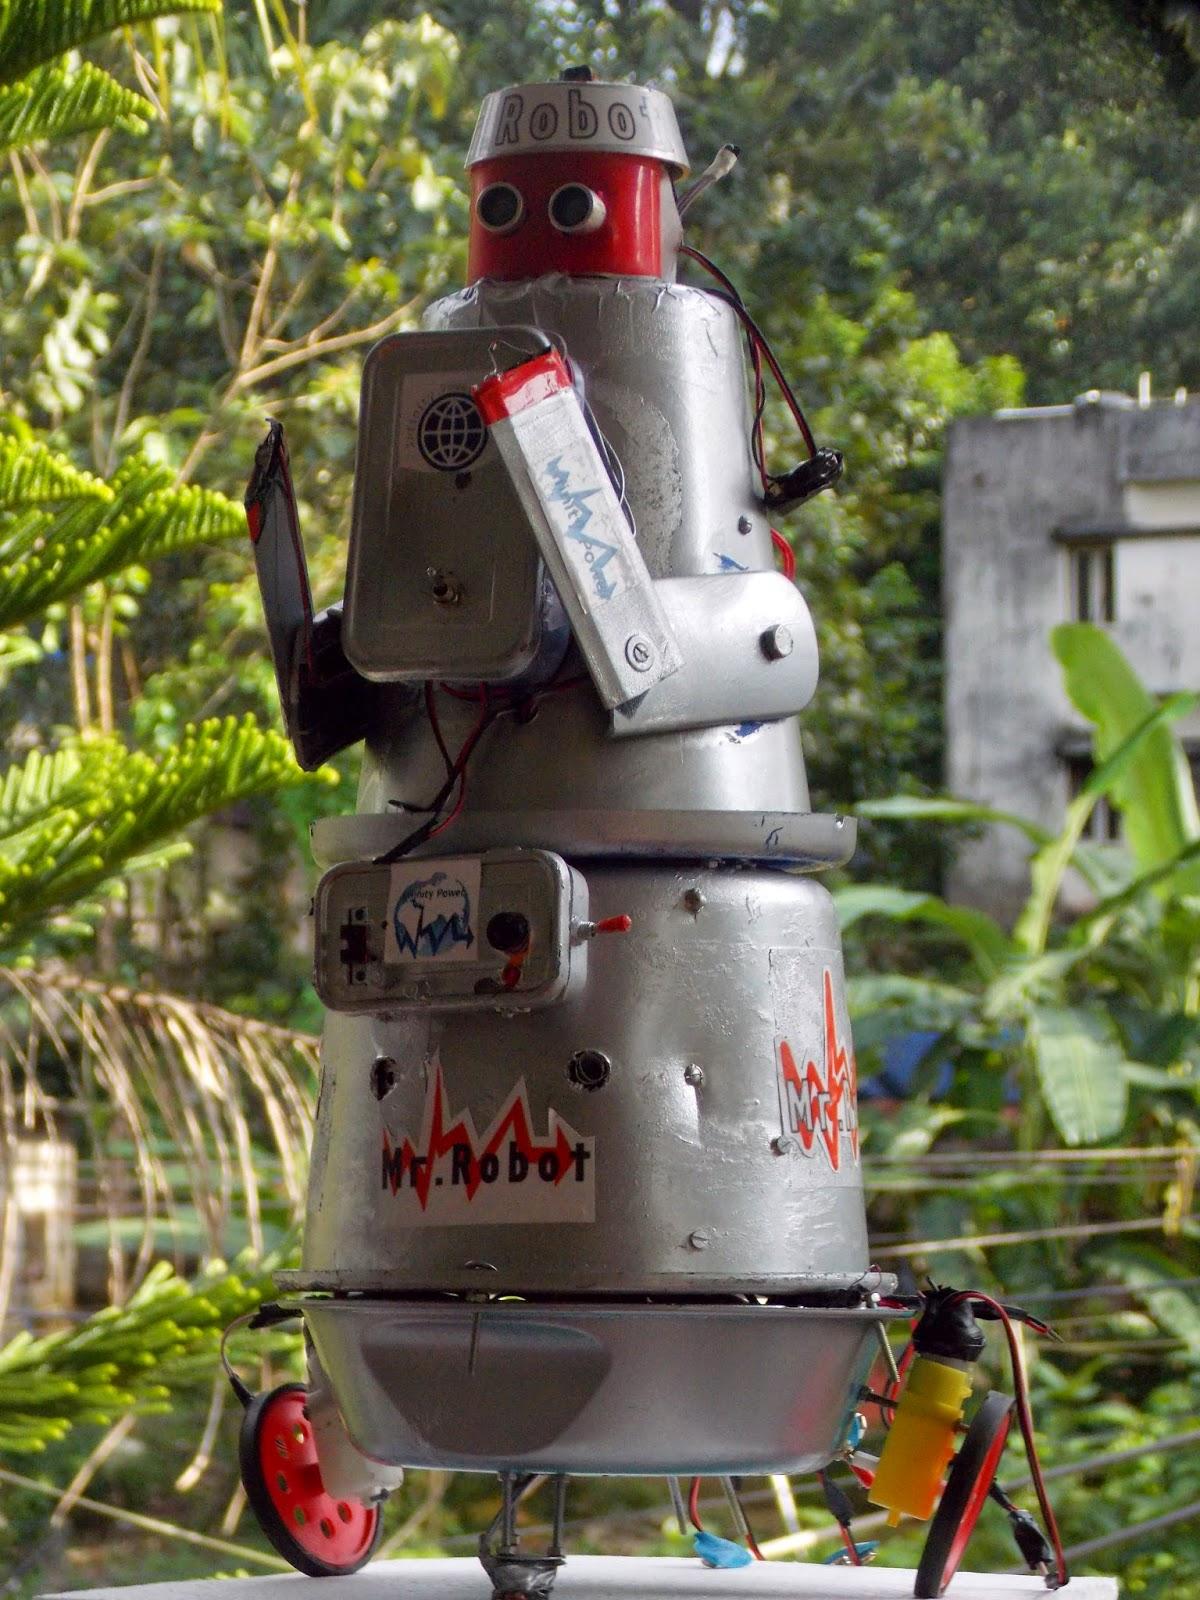 robotech maker  mr robot v-3 0